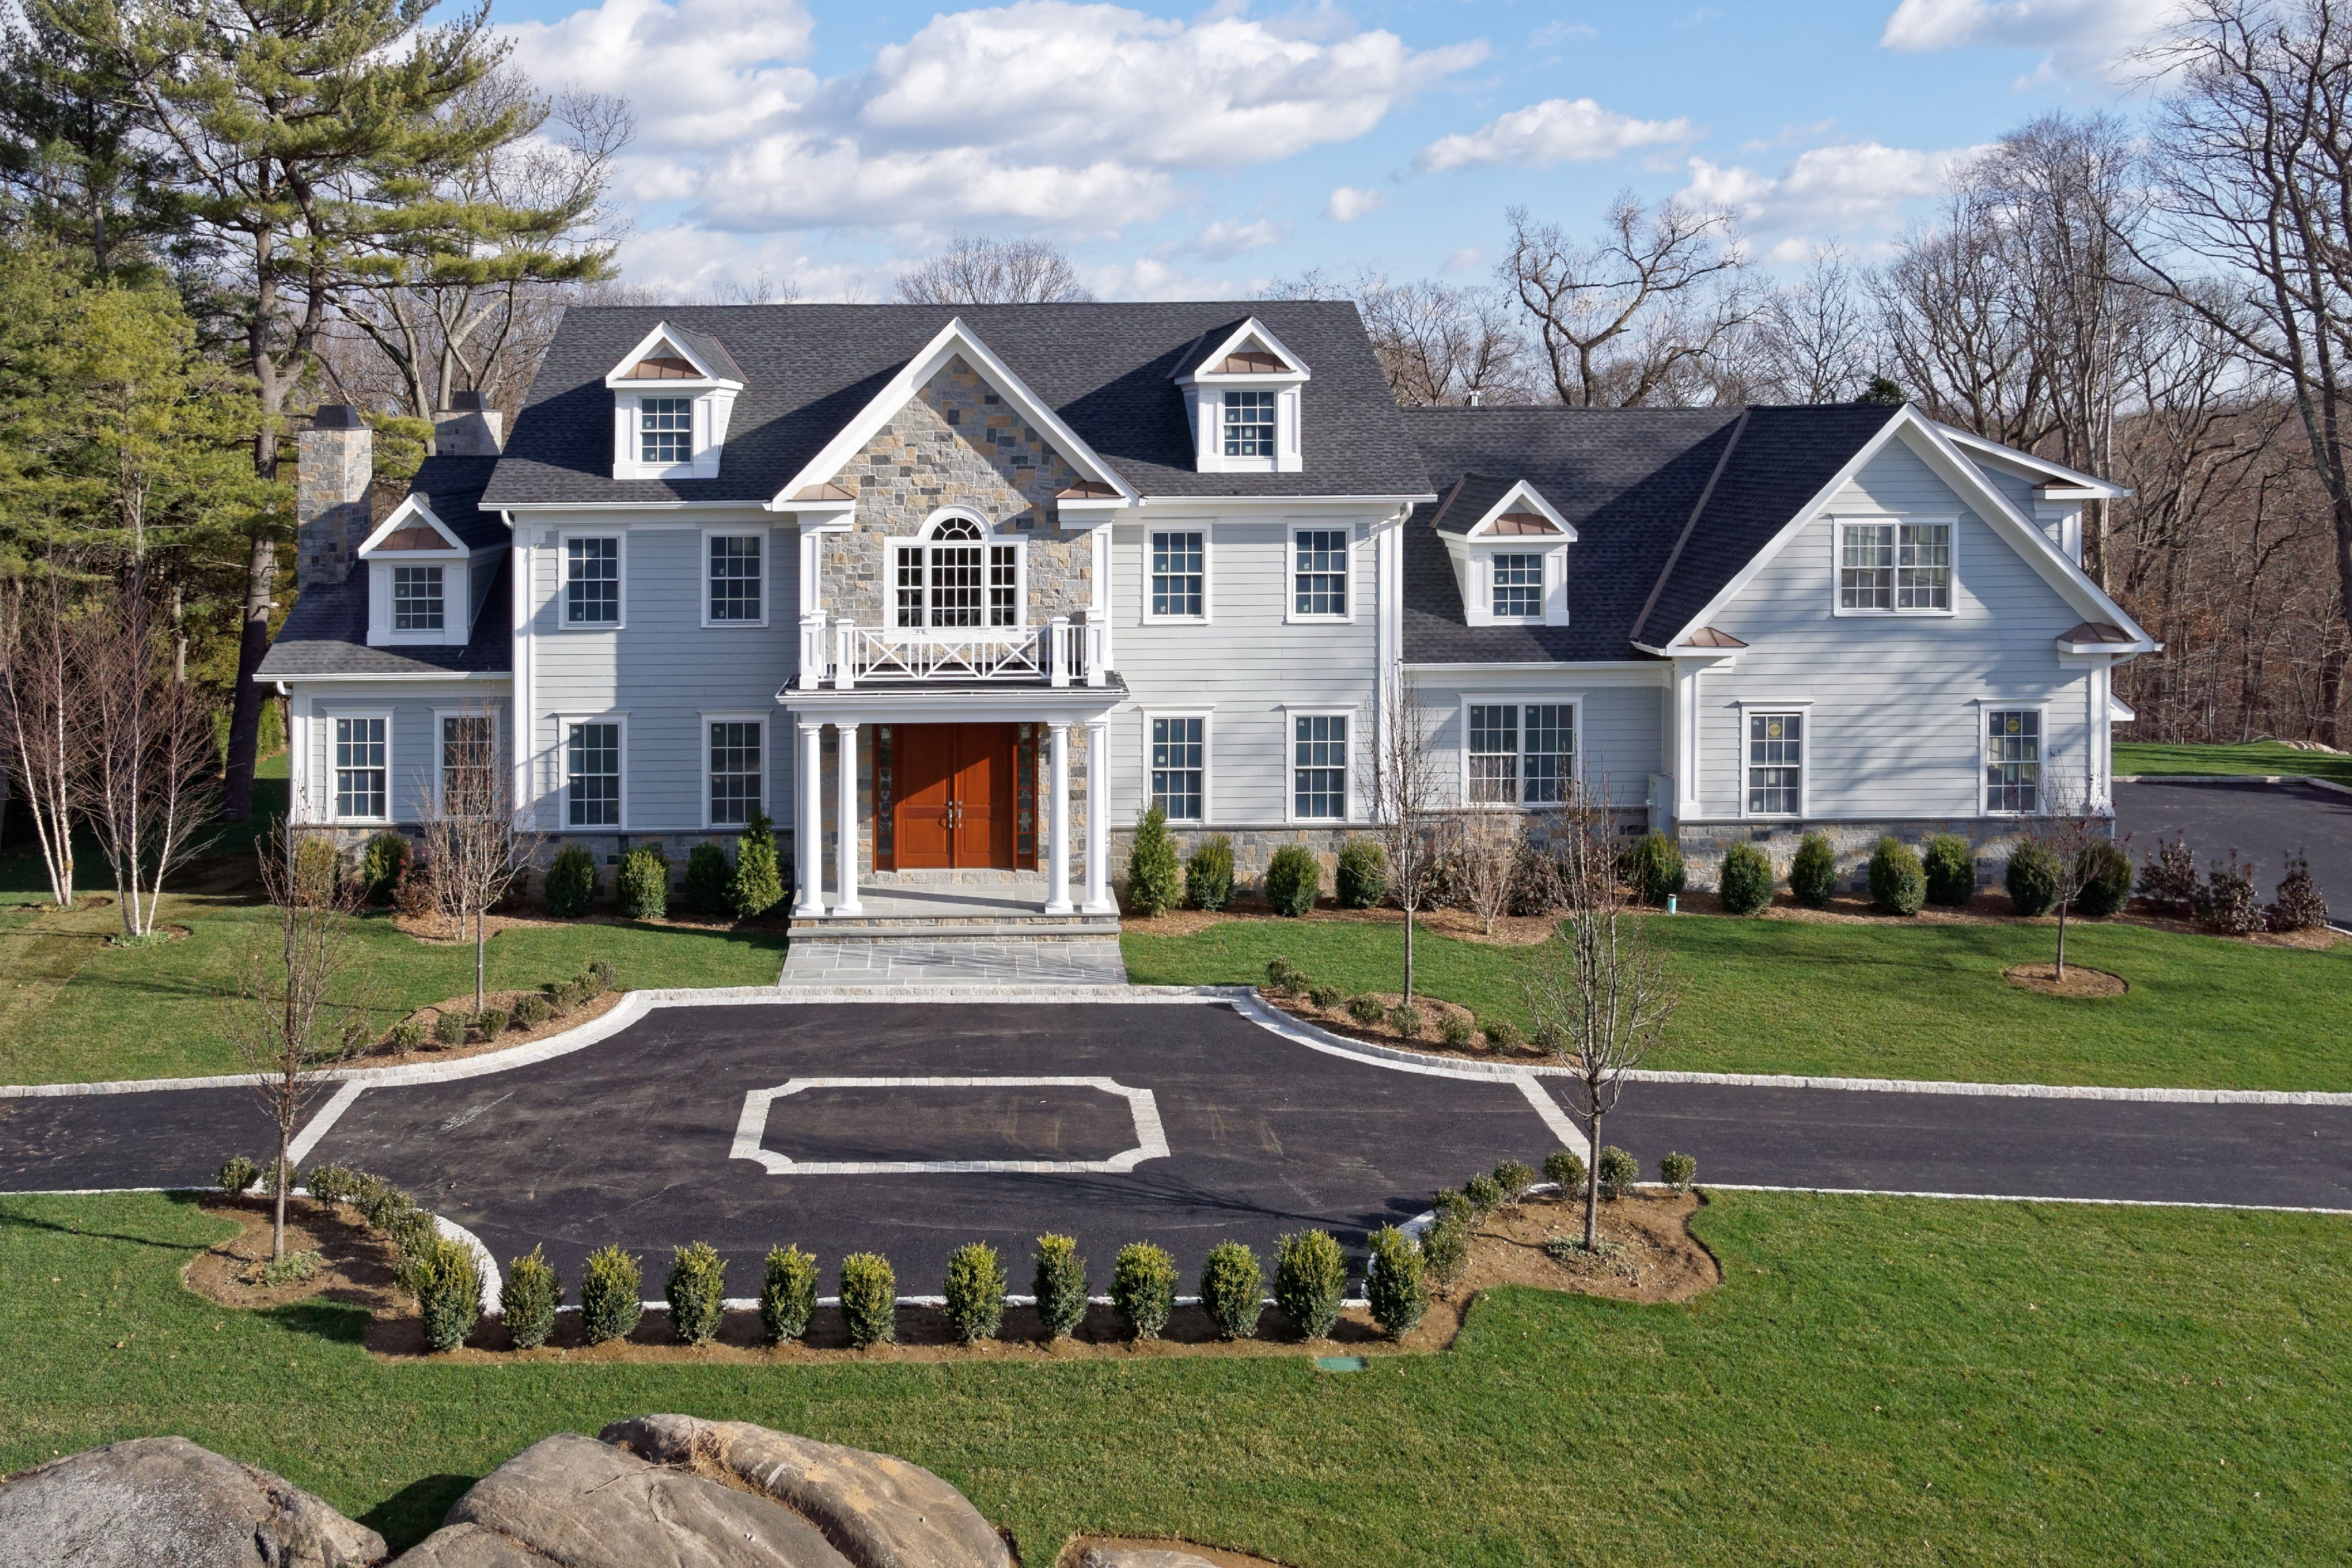 独户住宅 为 销售 在 3 Century Trail 哈里森, 纽约州, 10528 美国